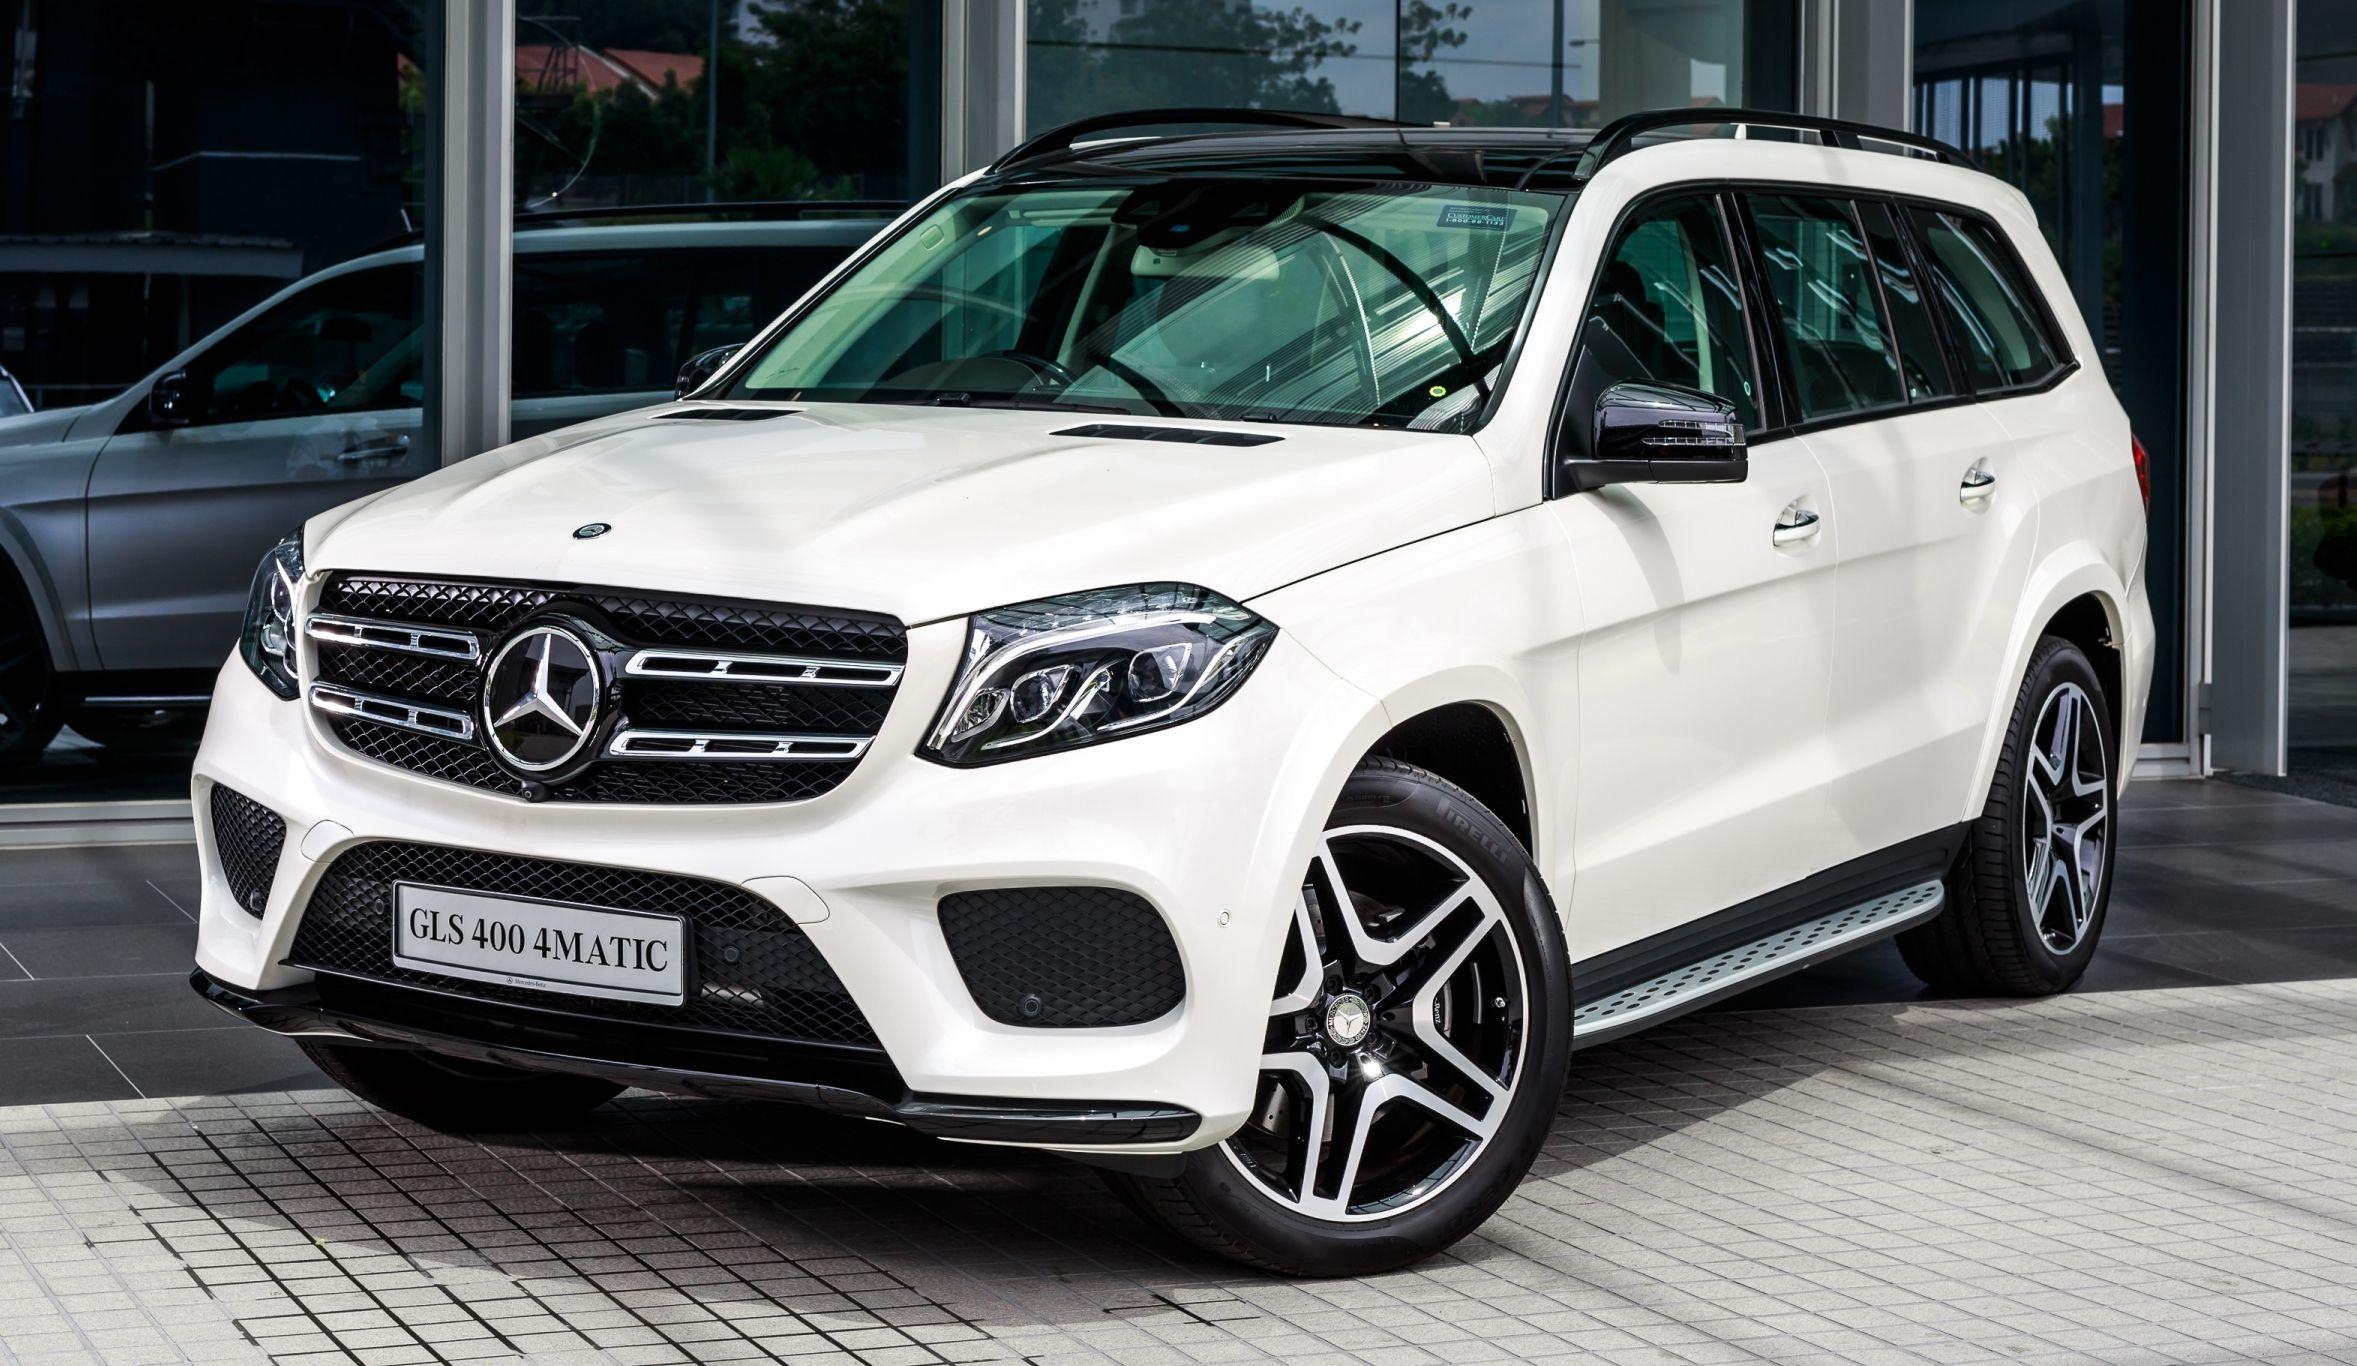 Mercedes Benz Gls 400 4matic Launched Rm889k Mercedes Benz Suv